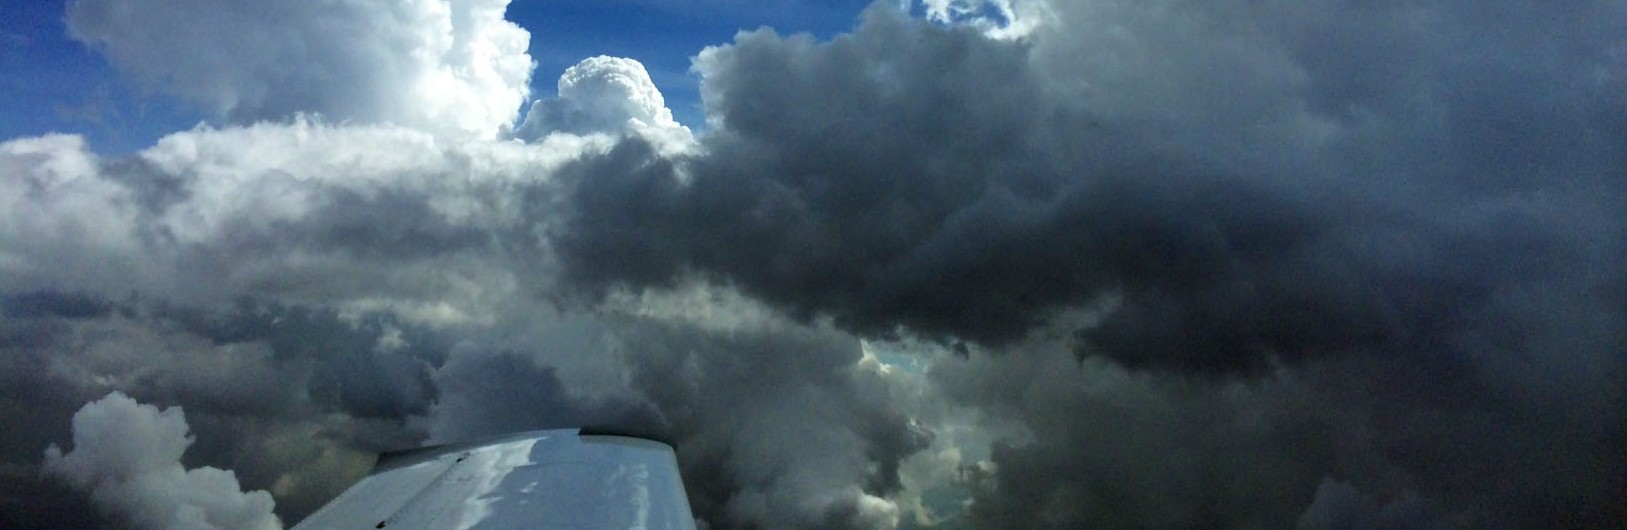 clouds2a